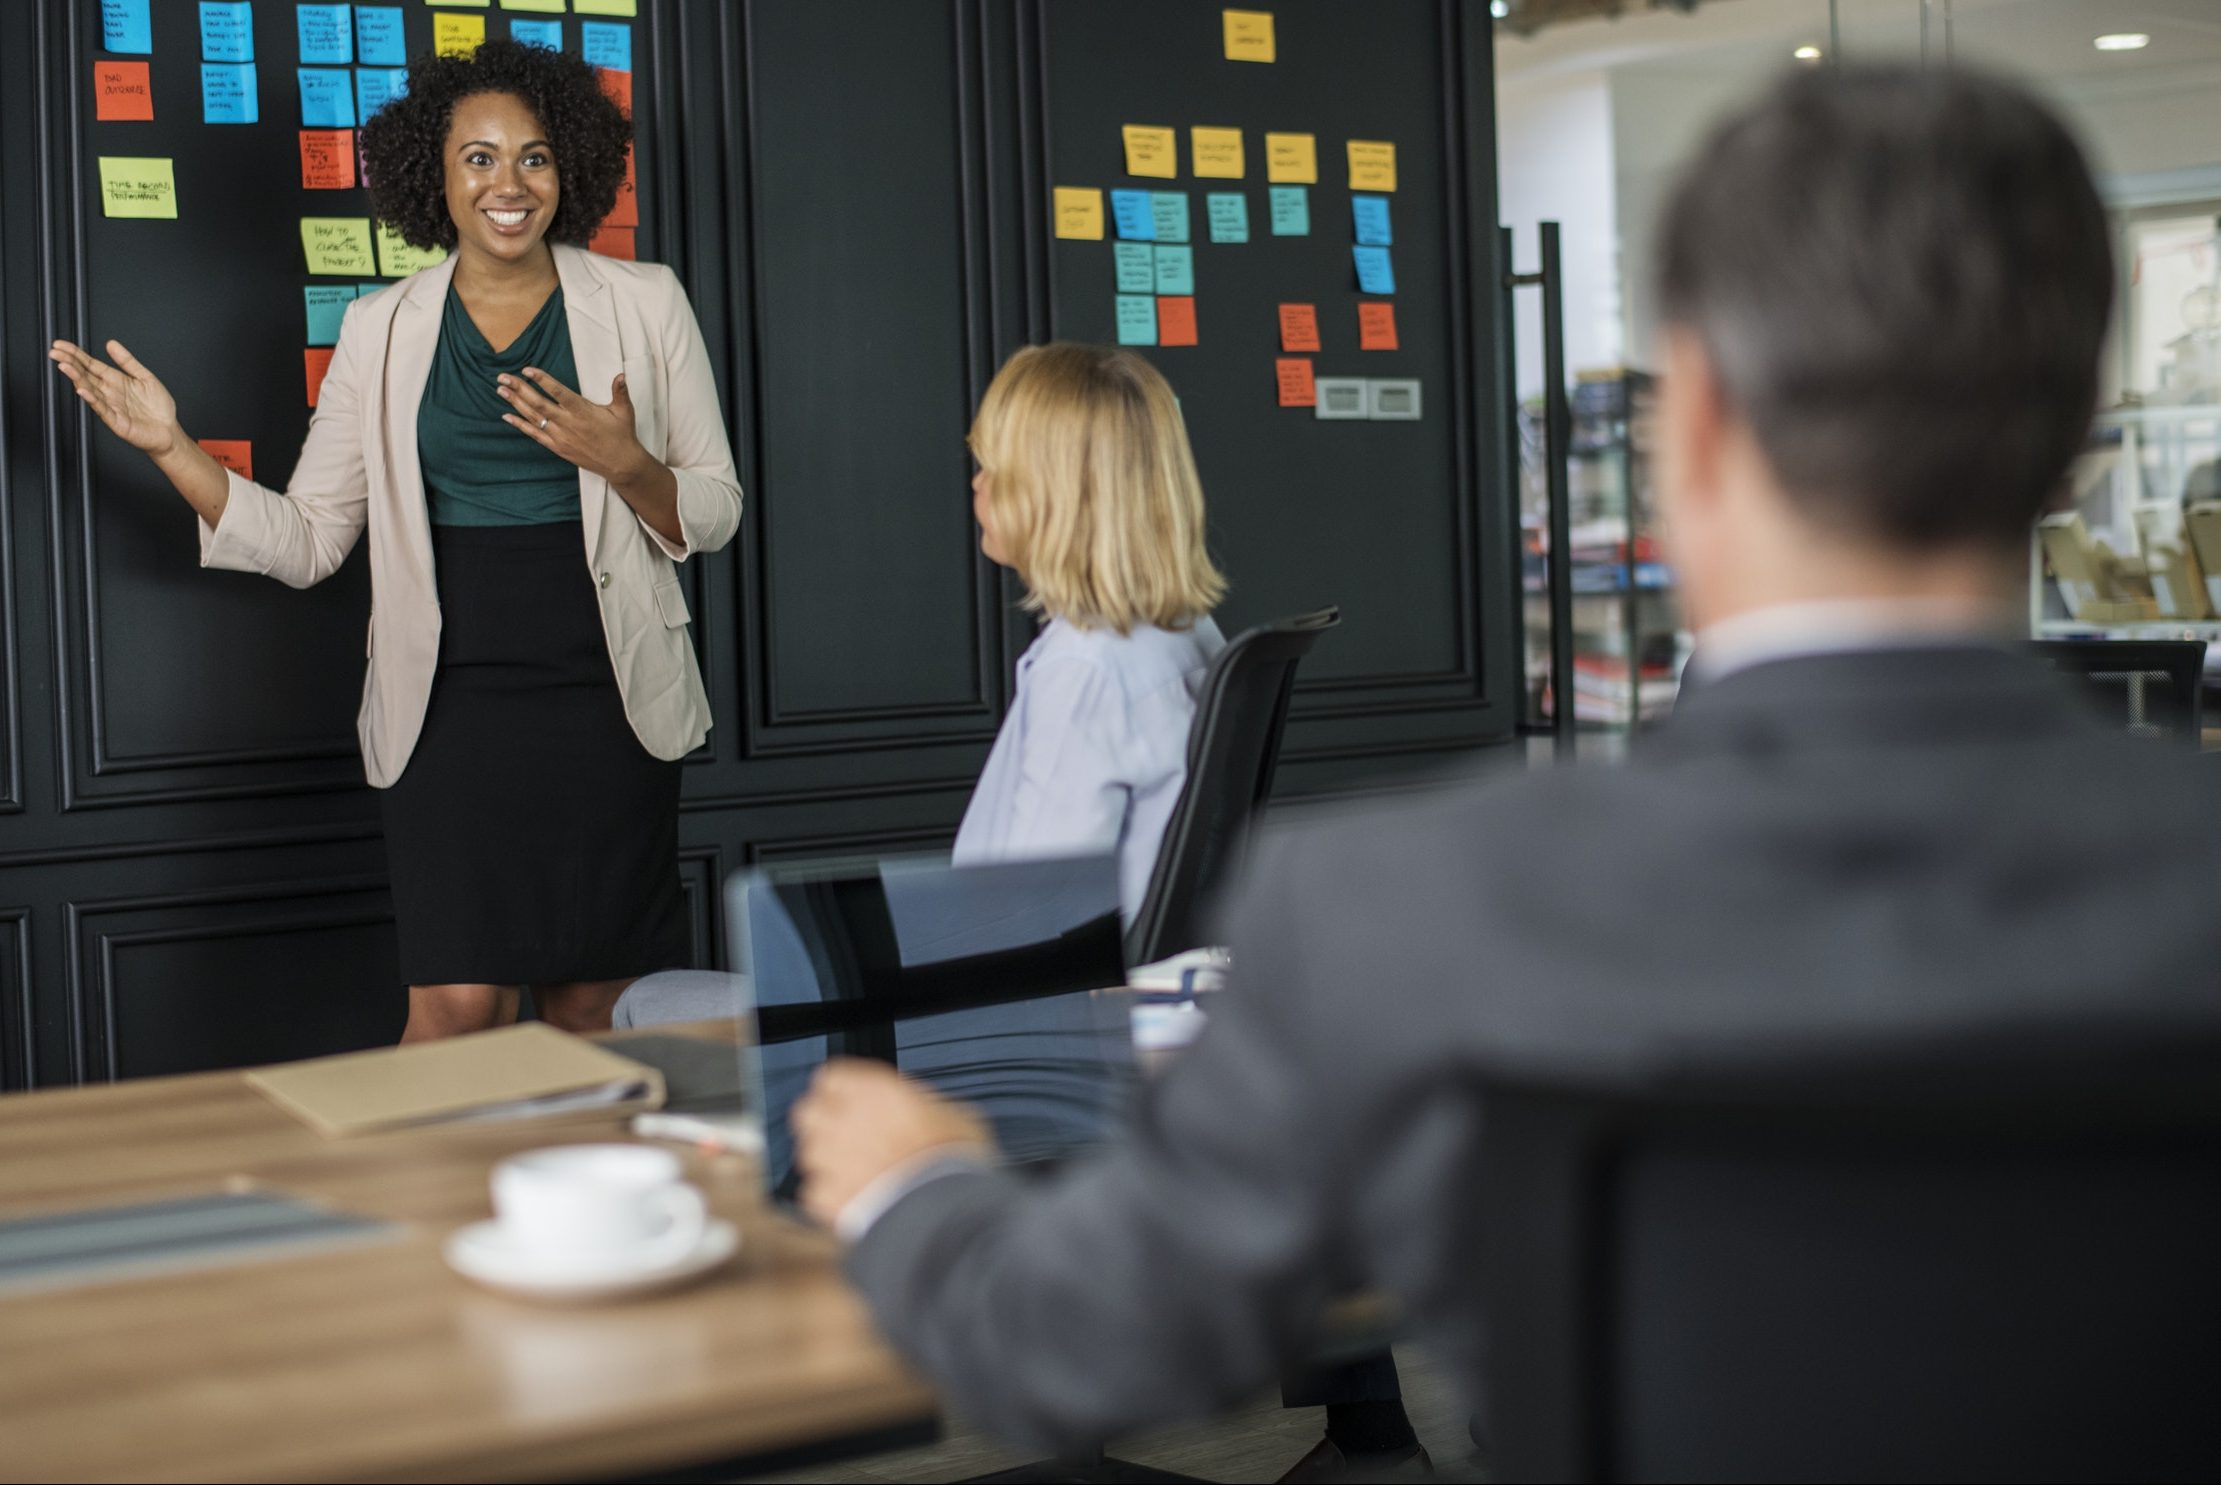 mid-year goals assessment, assessing business goals